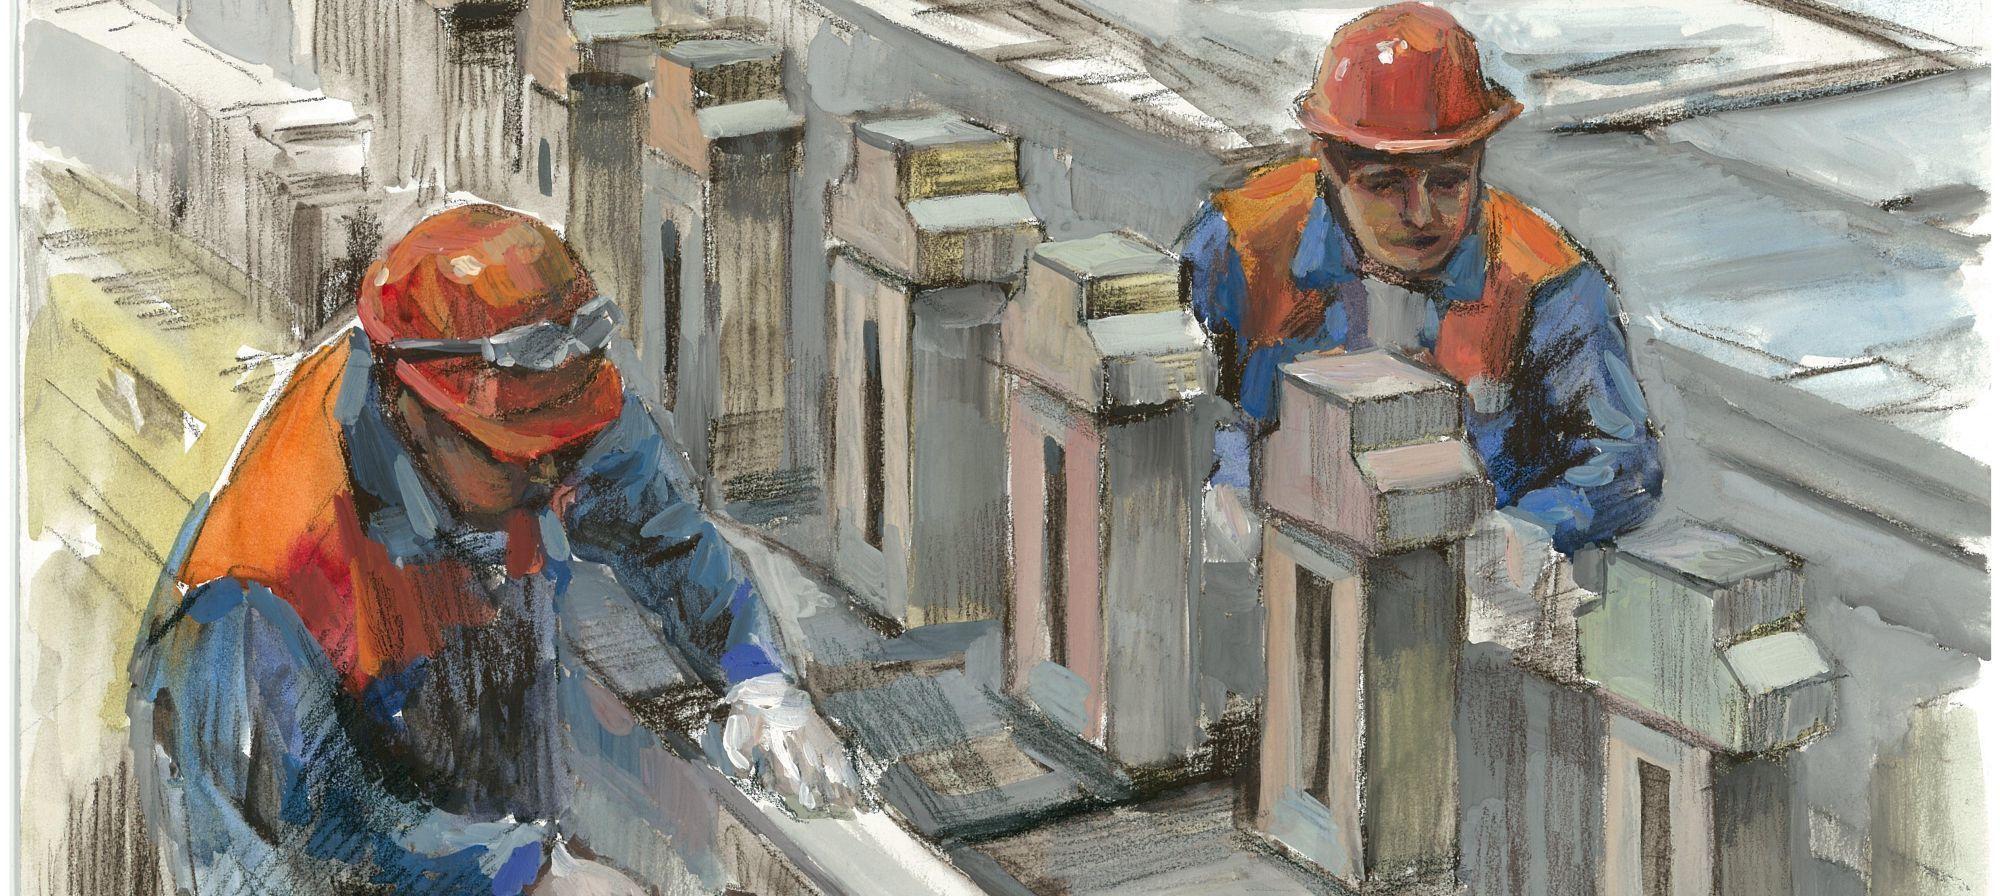 Крупнейшие индустриальные стройки страны становятся объектами изобразительного искусства